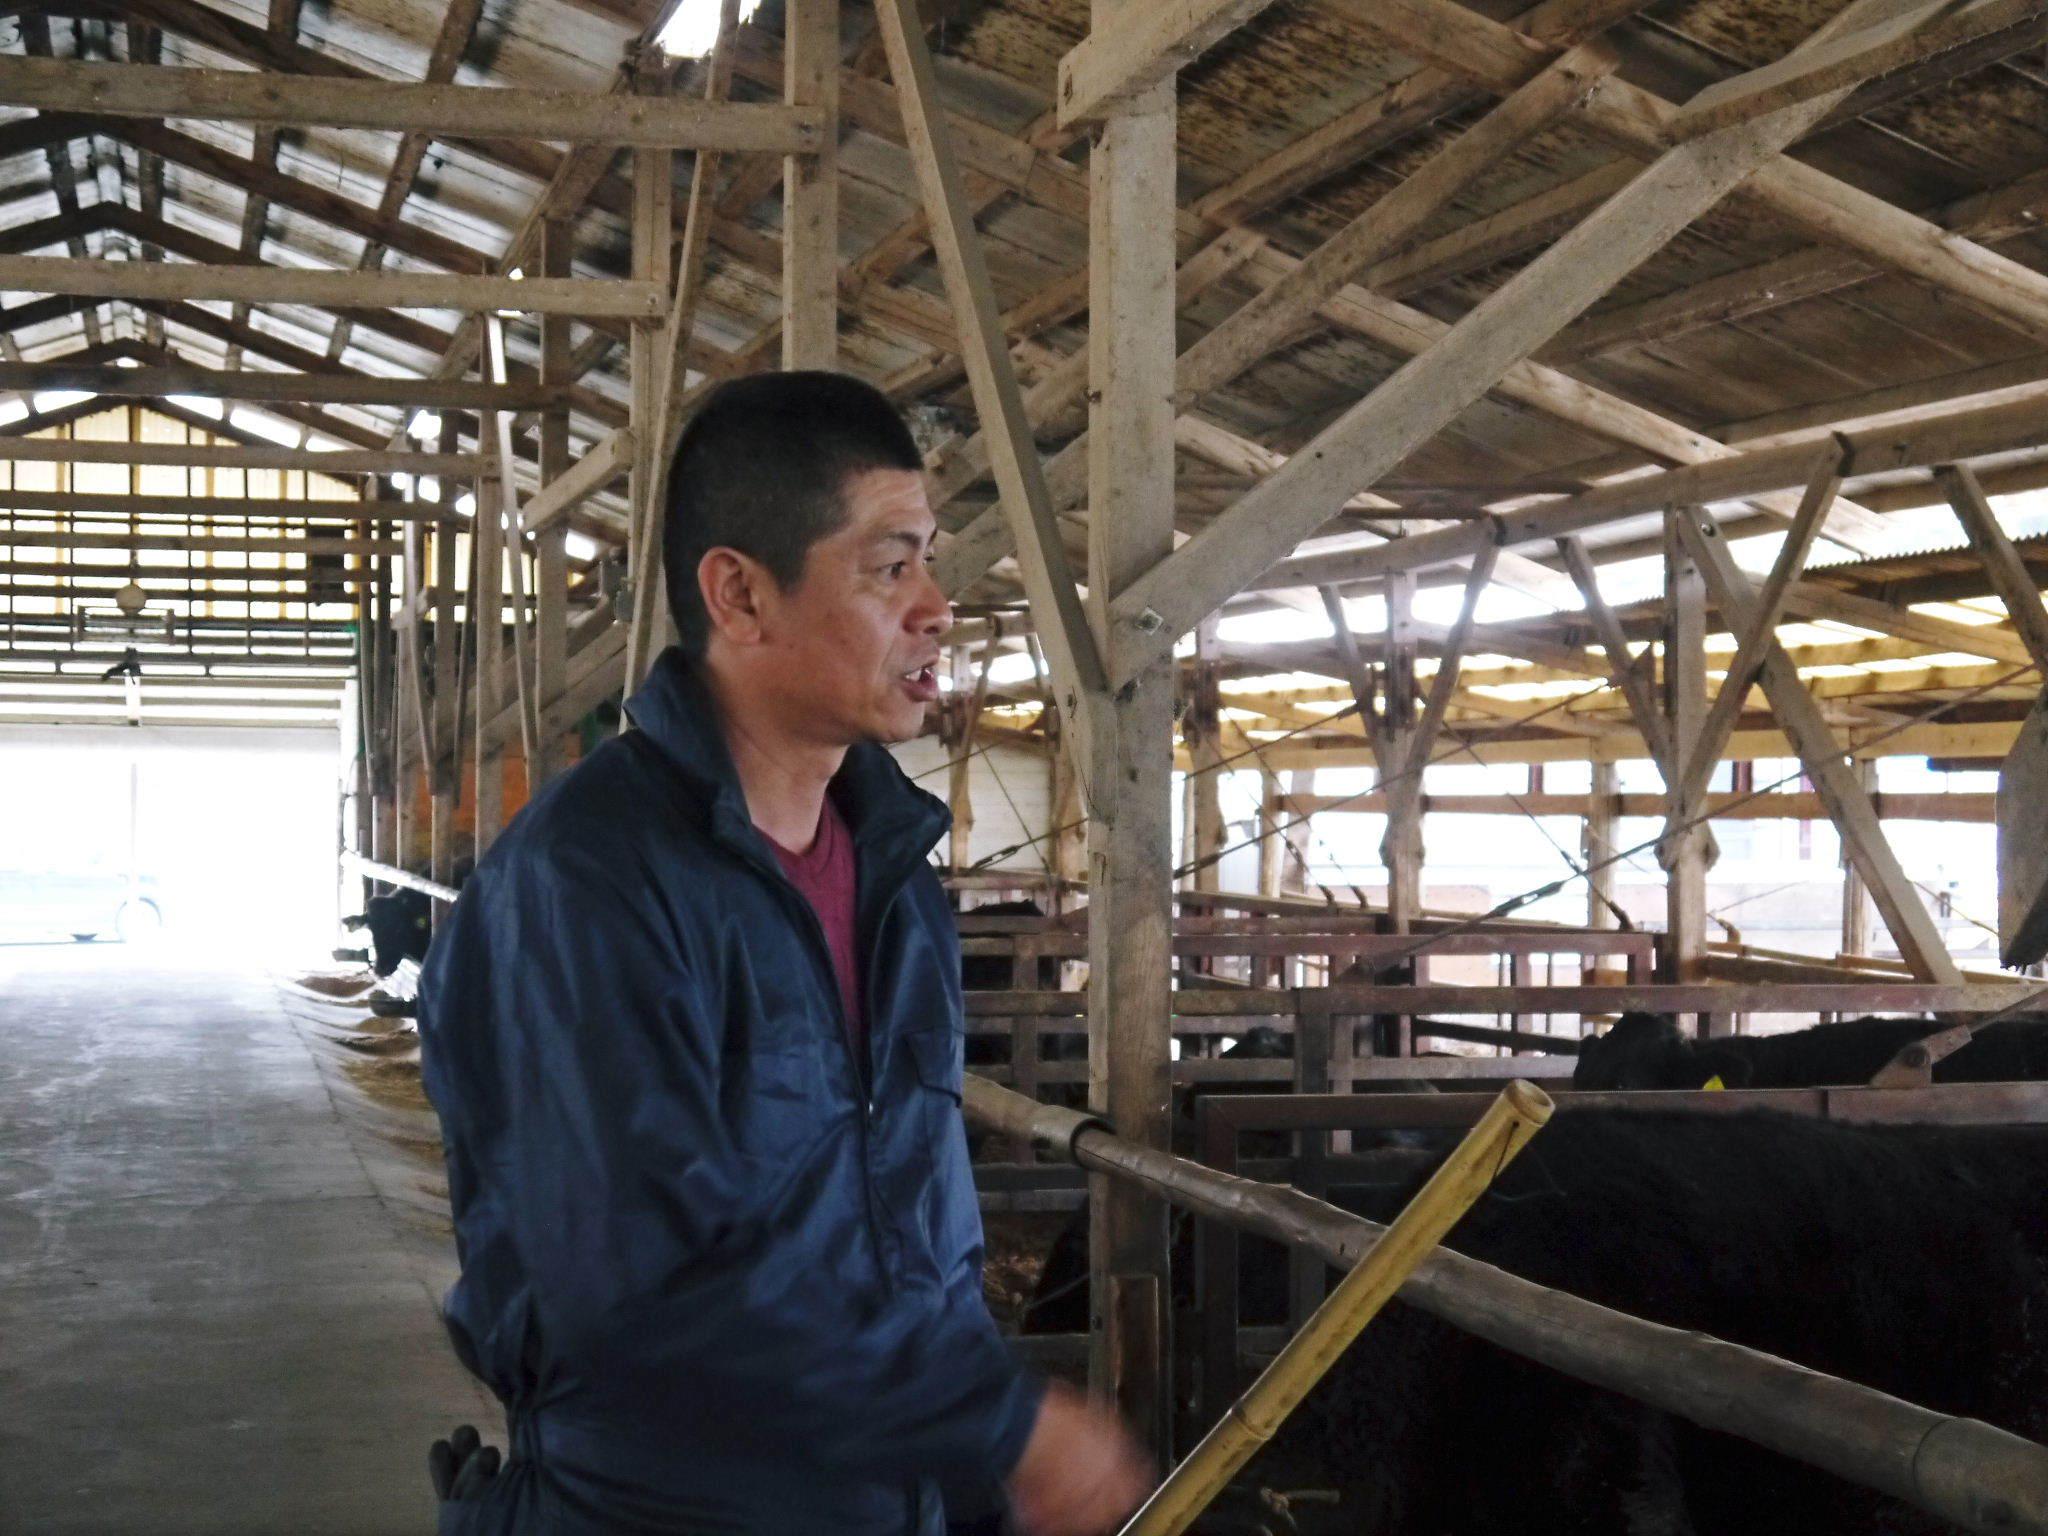 熊本県産黒毛和牛 絶品黒毛和牛を育てる「中野畜産」さんのファミリー紹介_a0254656_17195451.jpg